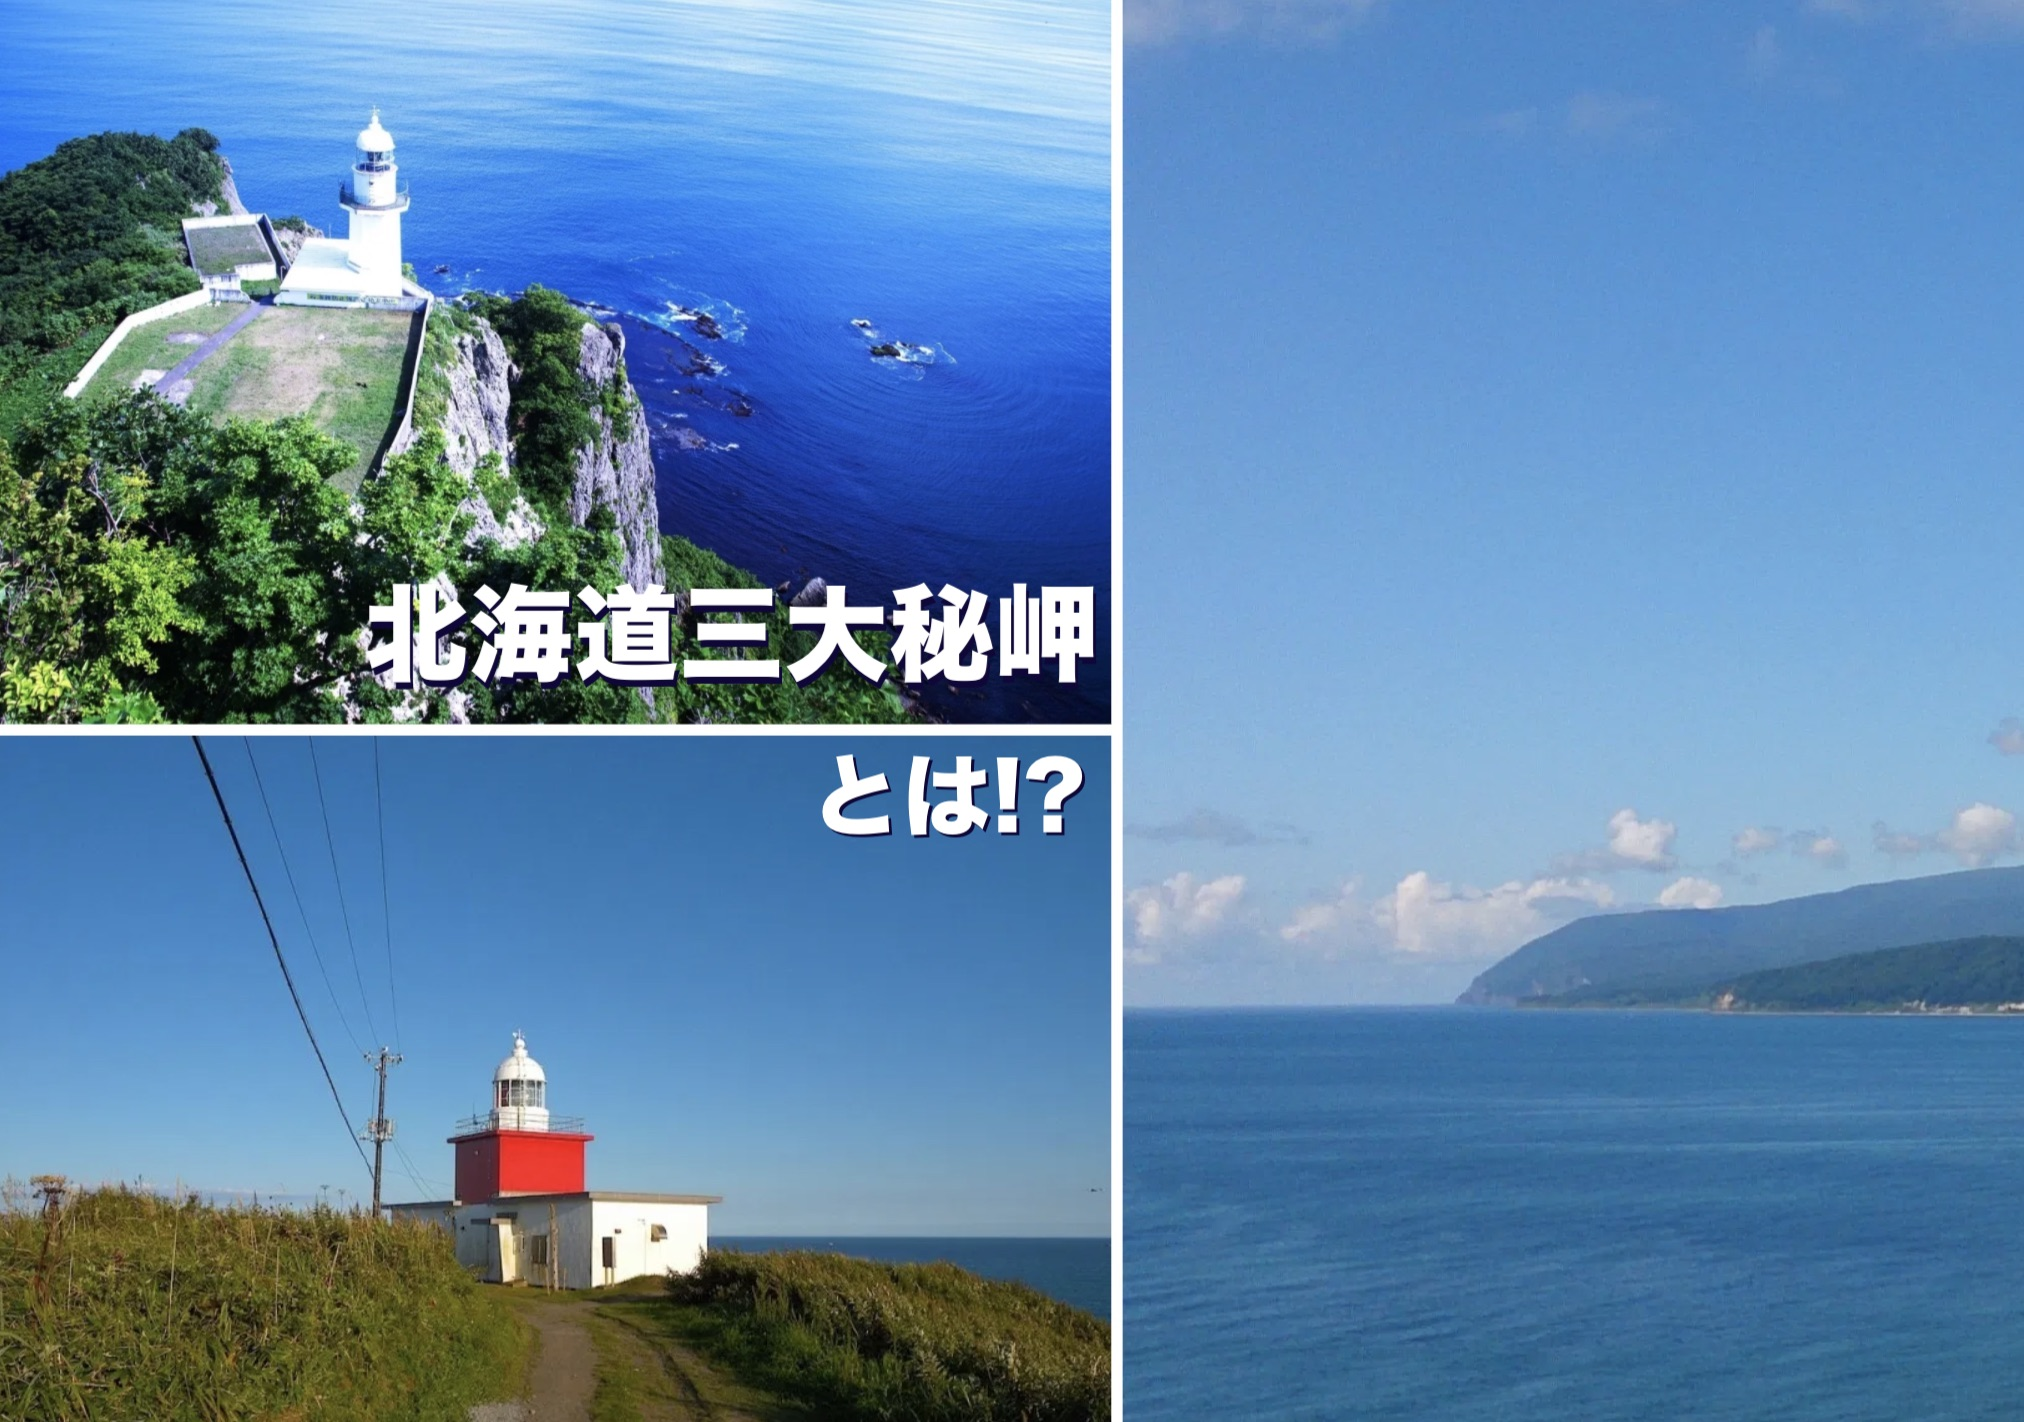 北海道三大秘岬とは!?